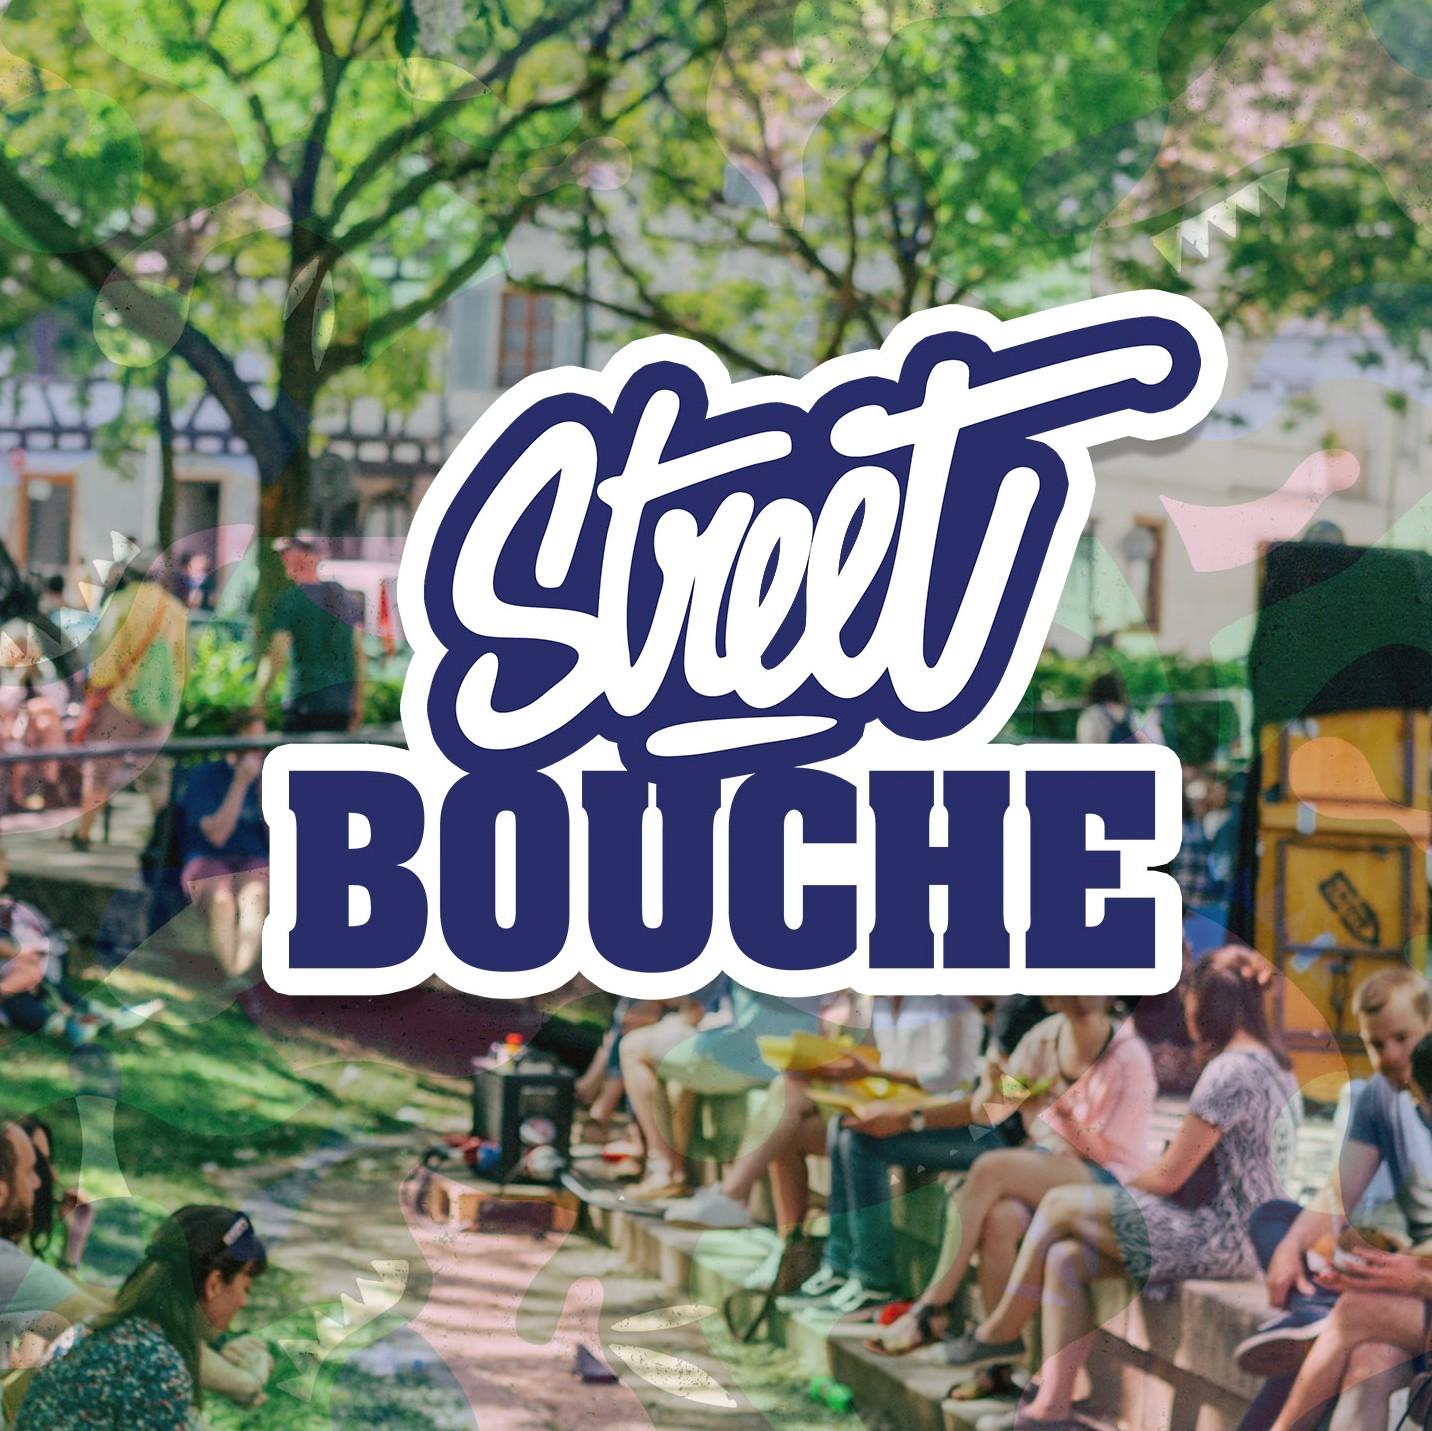 streetbouche corner neudorf 2021 - Street Bouche